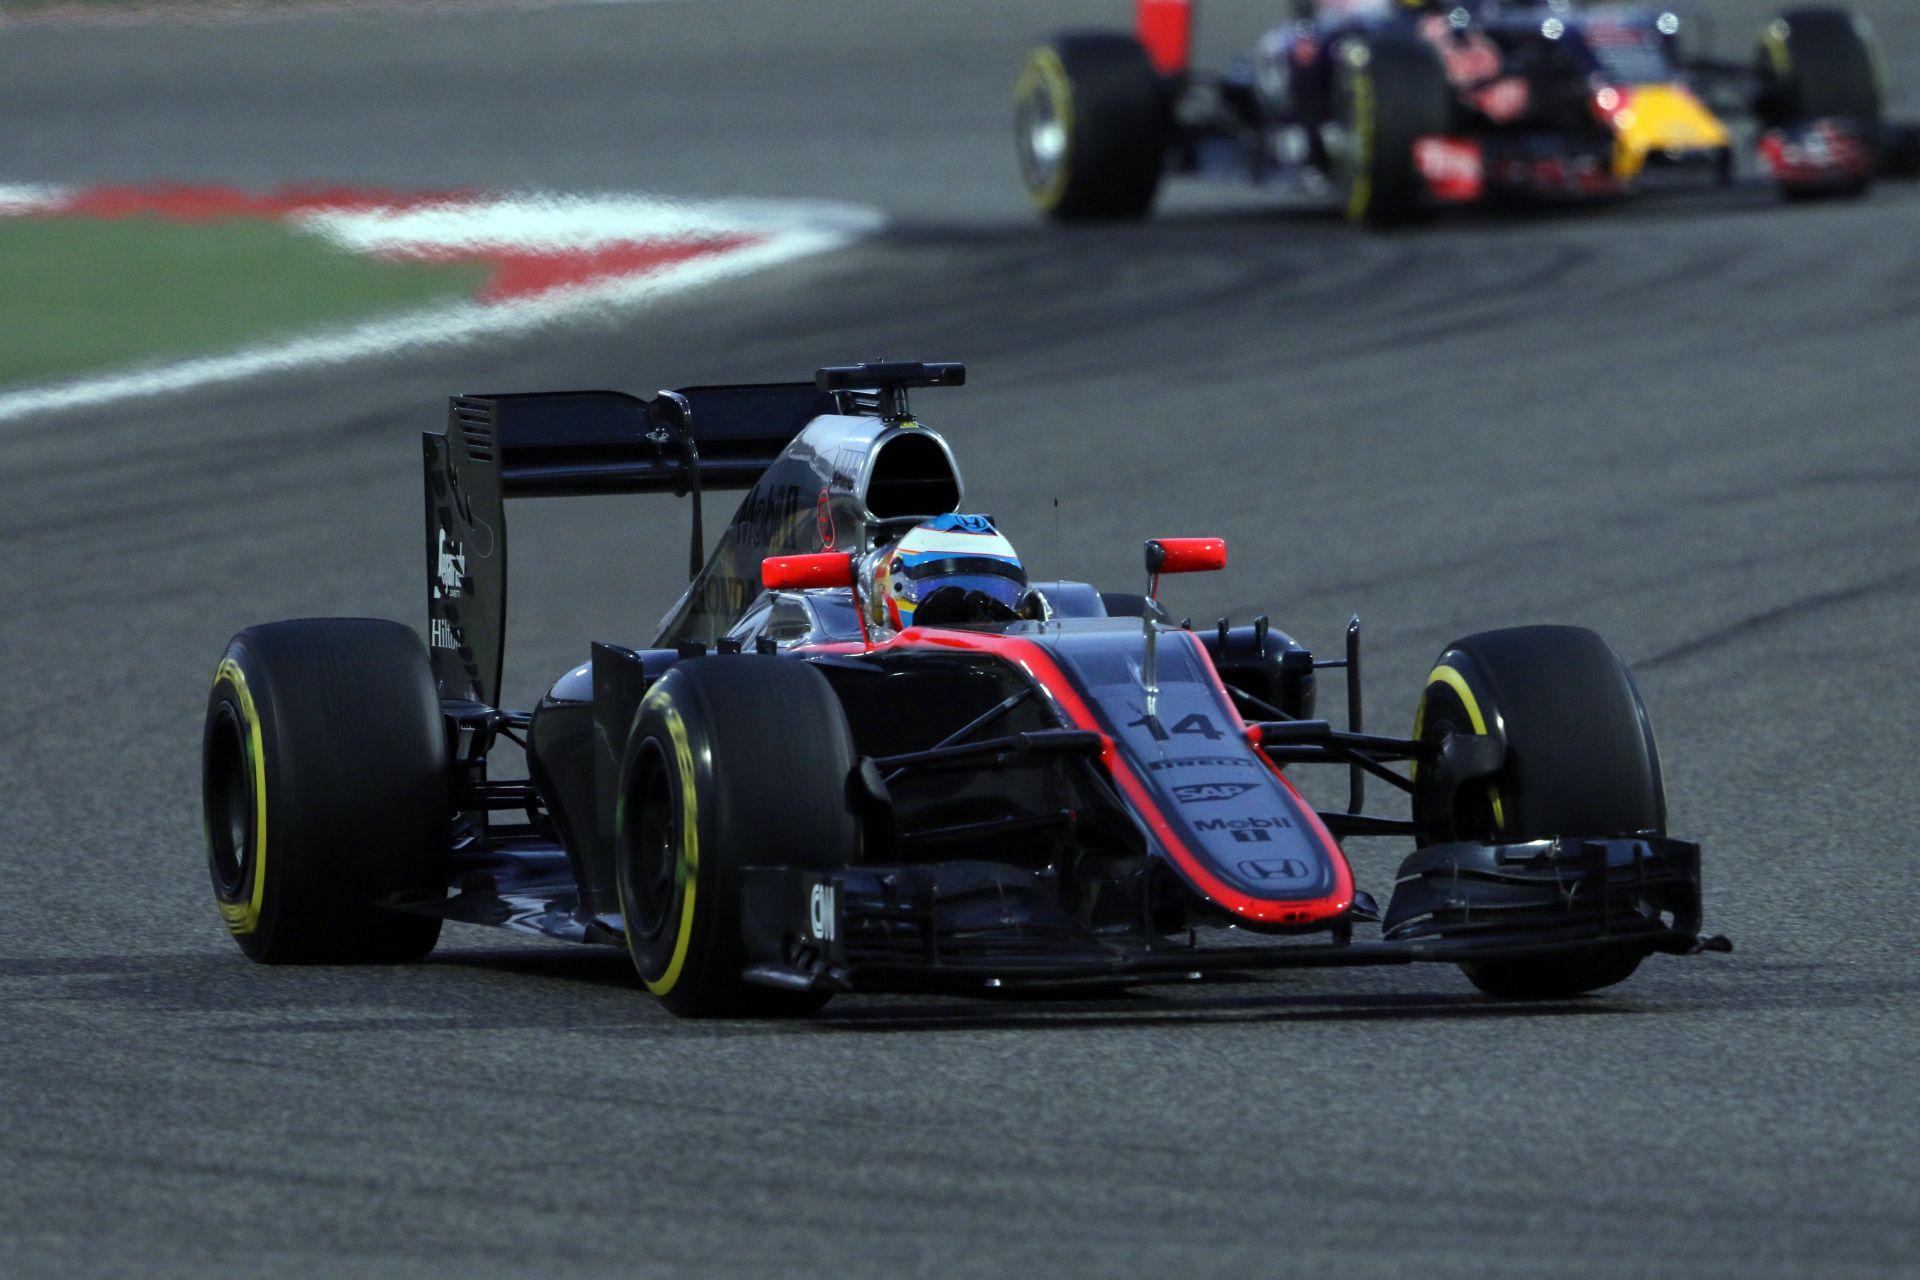 McLaren-Honda: Lázasan készülünk a Spanyol Nagydíjra!